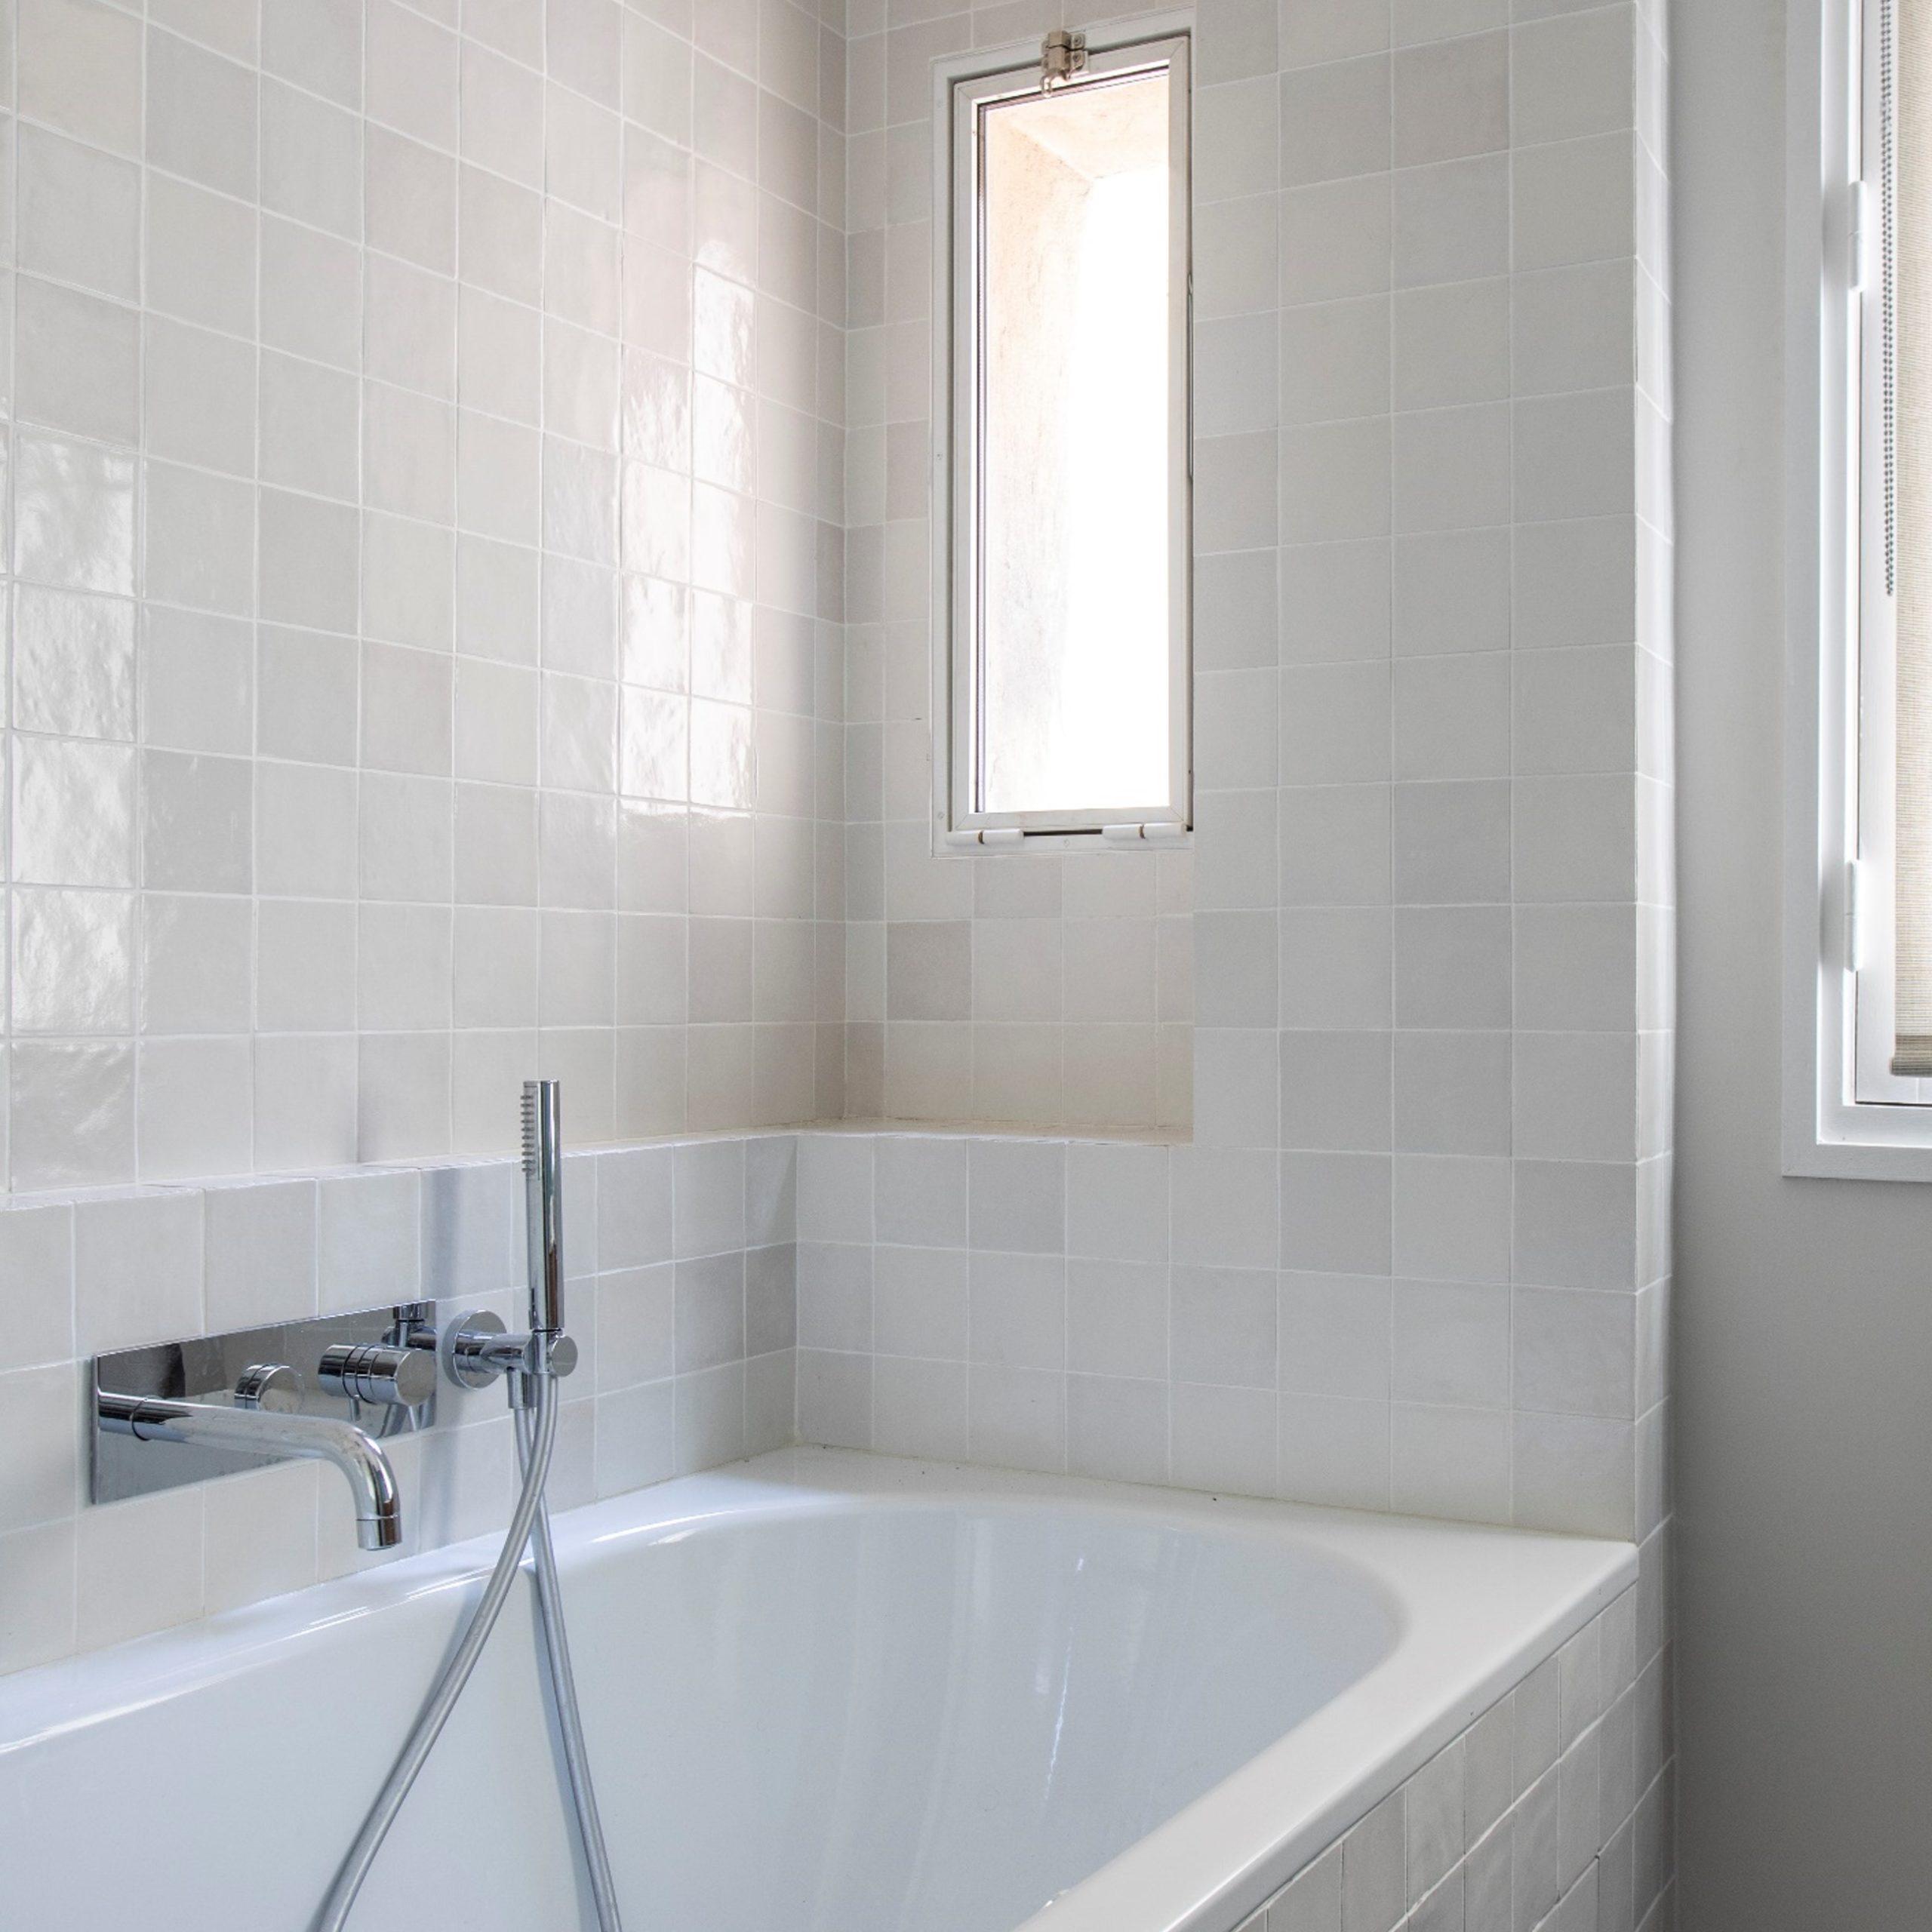 carre salle de bain zelliges blanc baignoire encastre